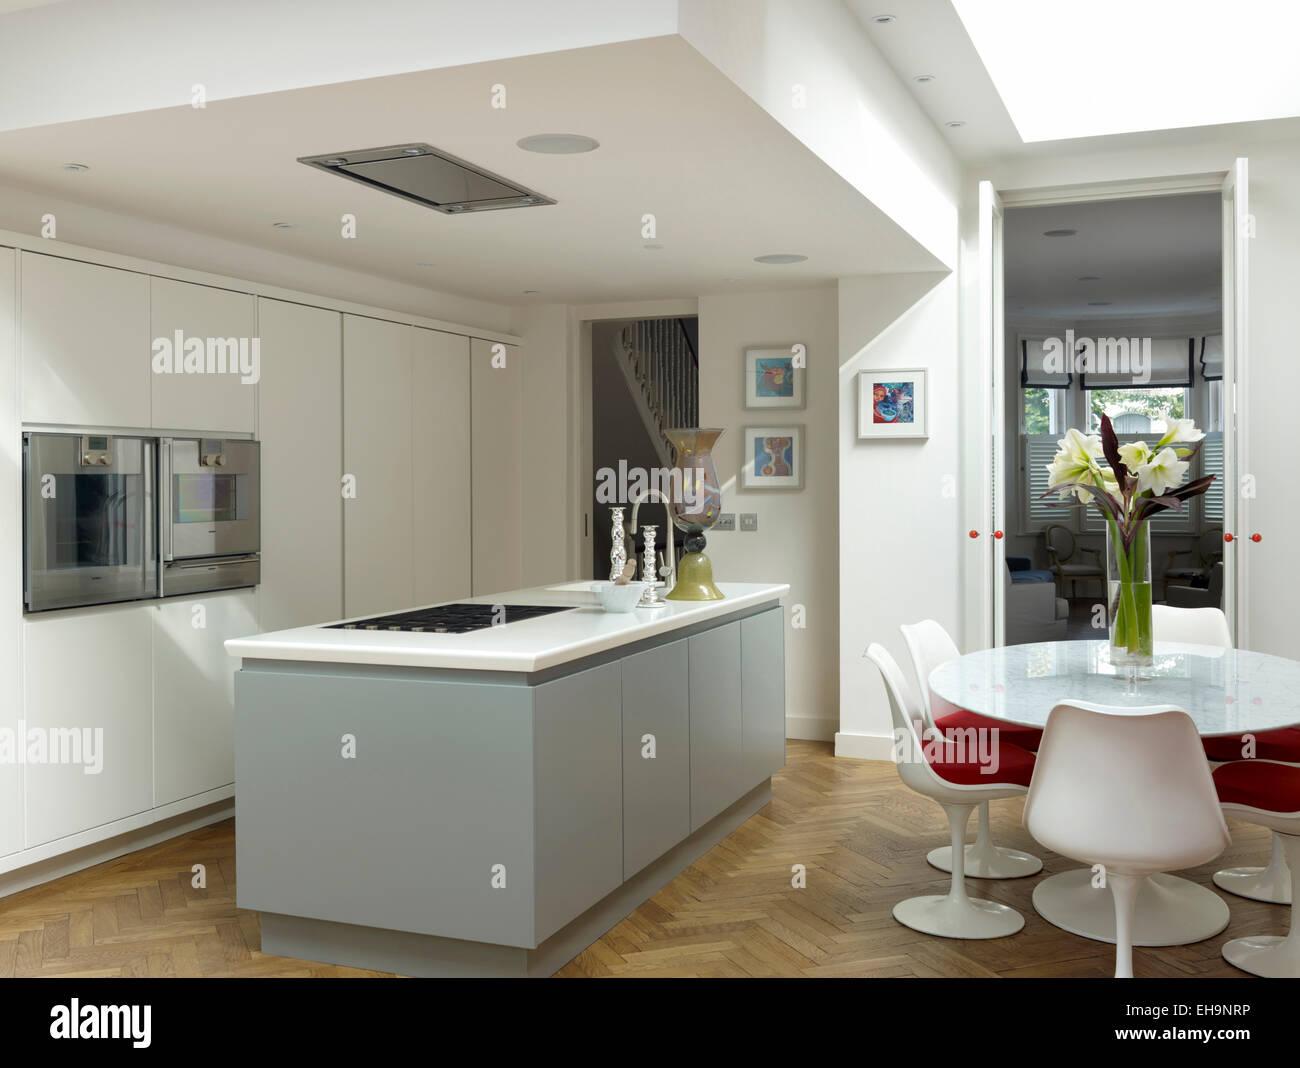 Eine große offene küche interieur mit eichenbalken stockfoto bild